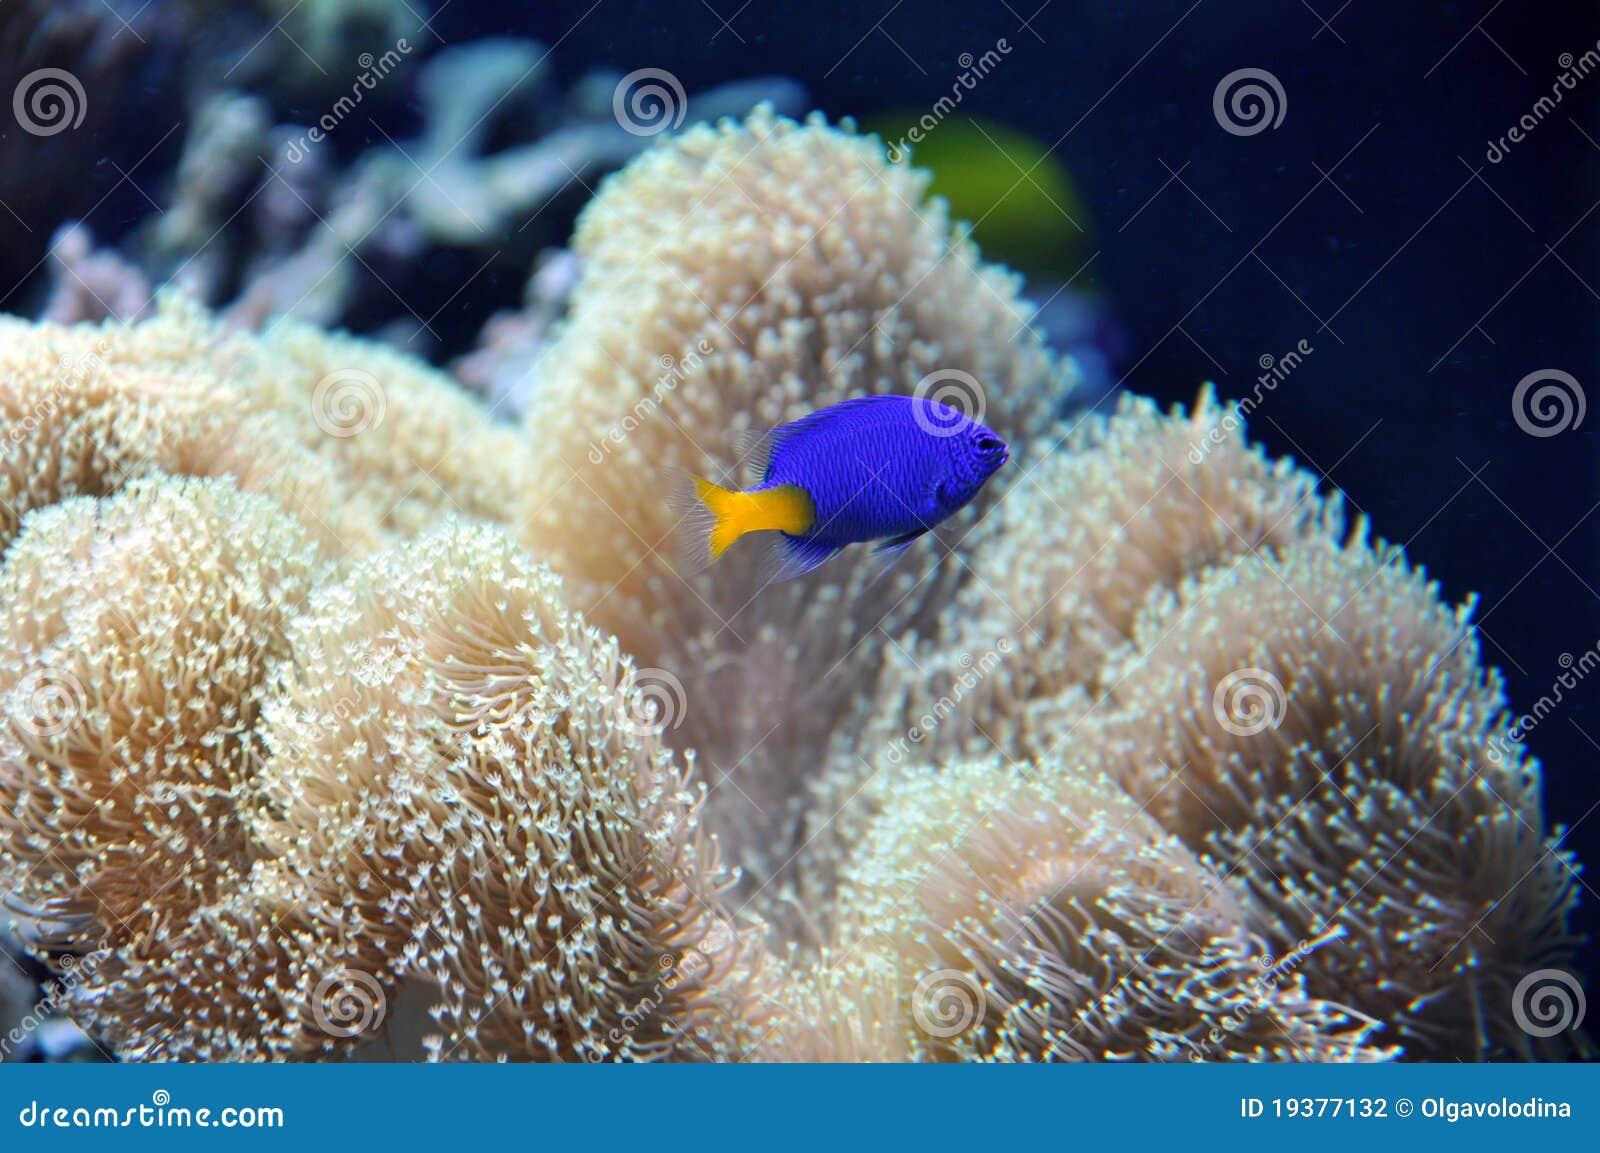 Marine aquarium with a blue fish stock photo image 19377132 for Blue fish aquarium